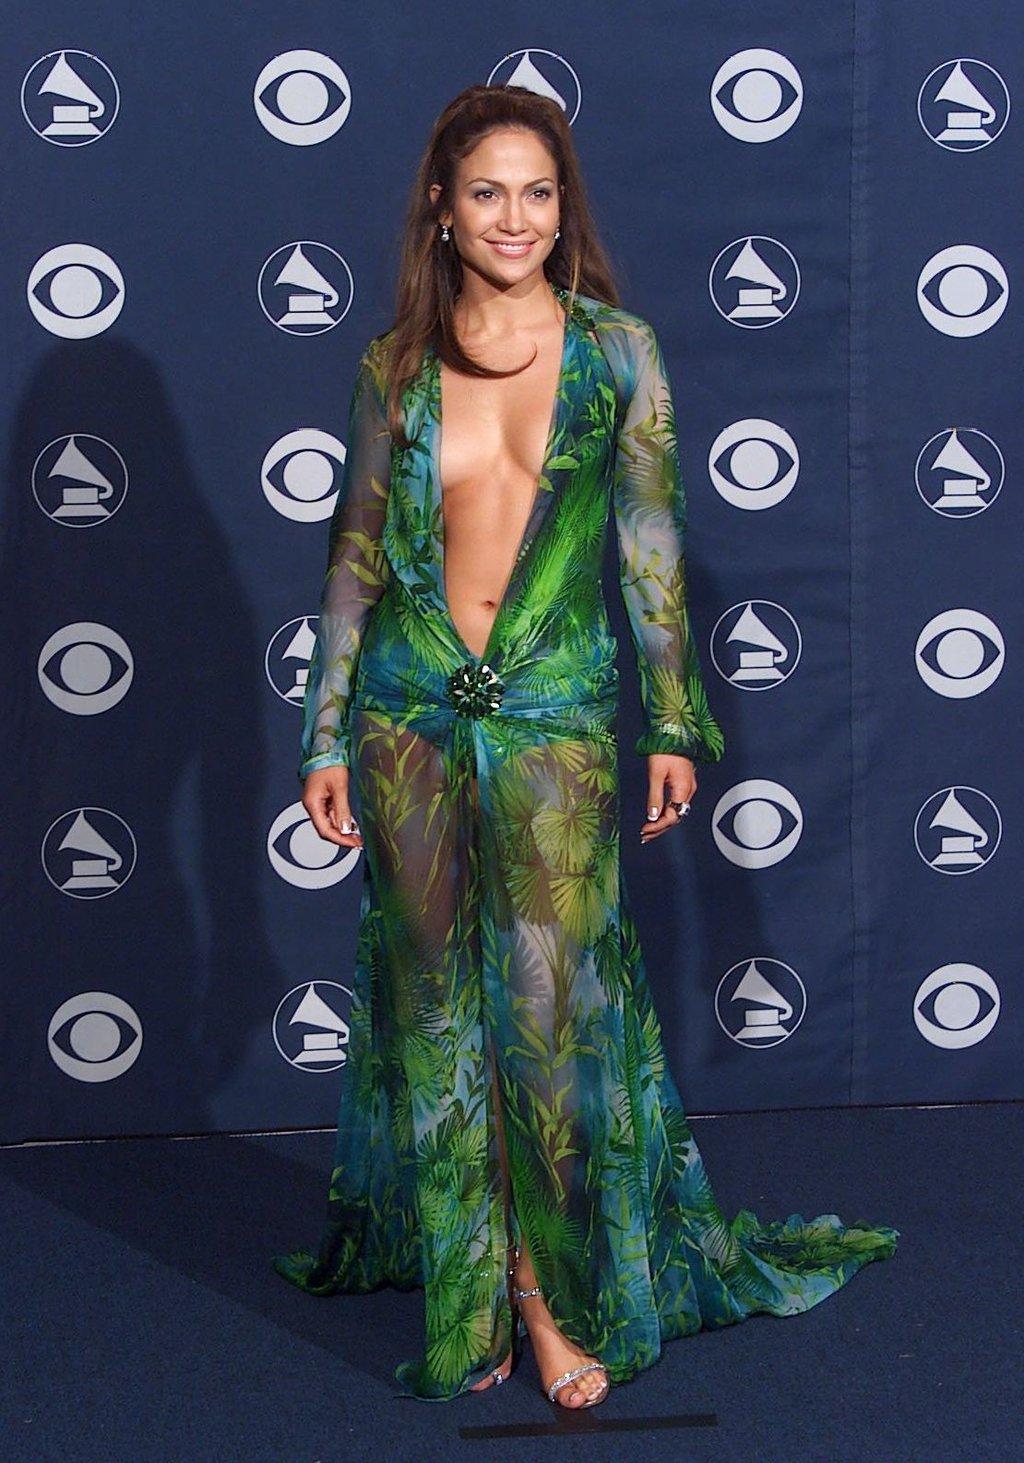 Jennifer Lopez at the Grammys